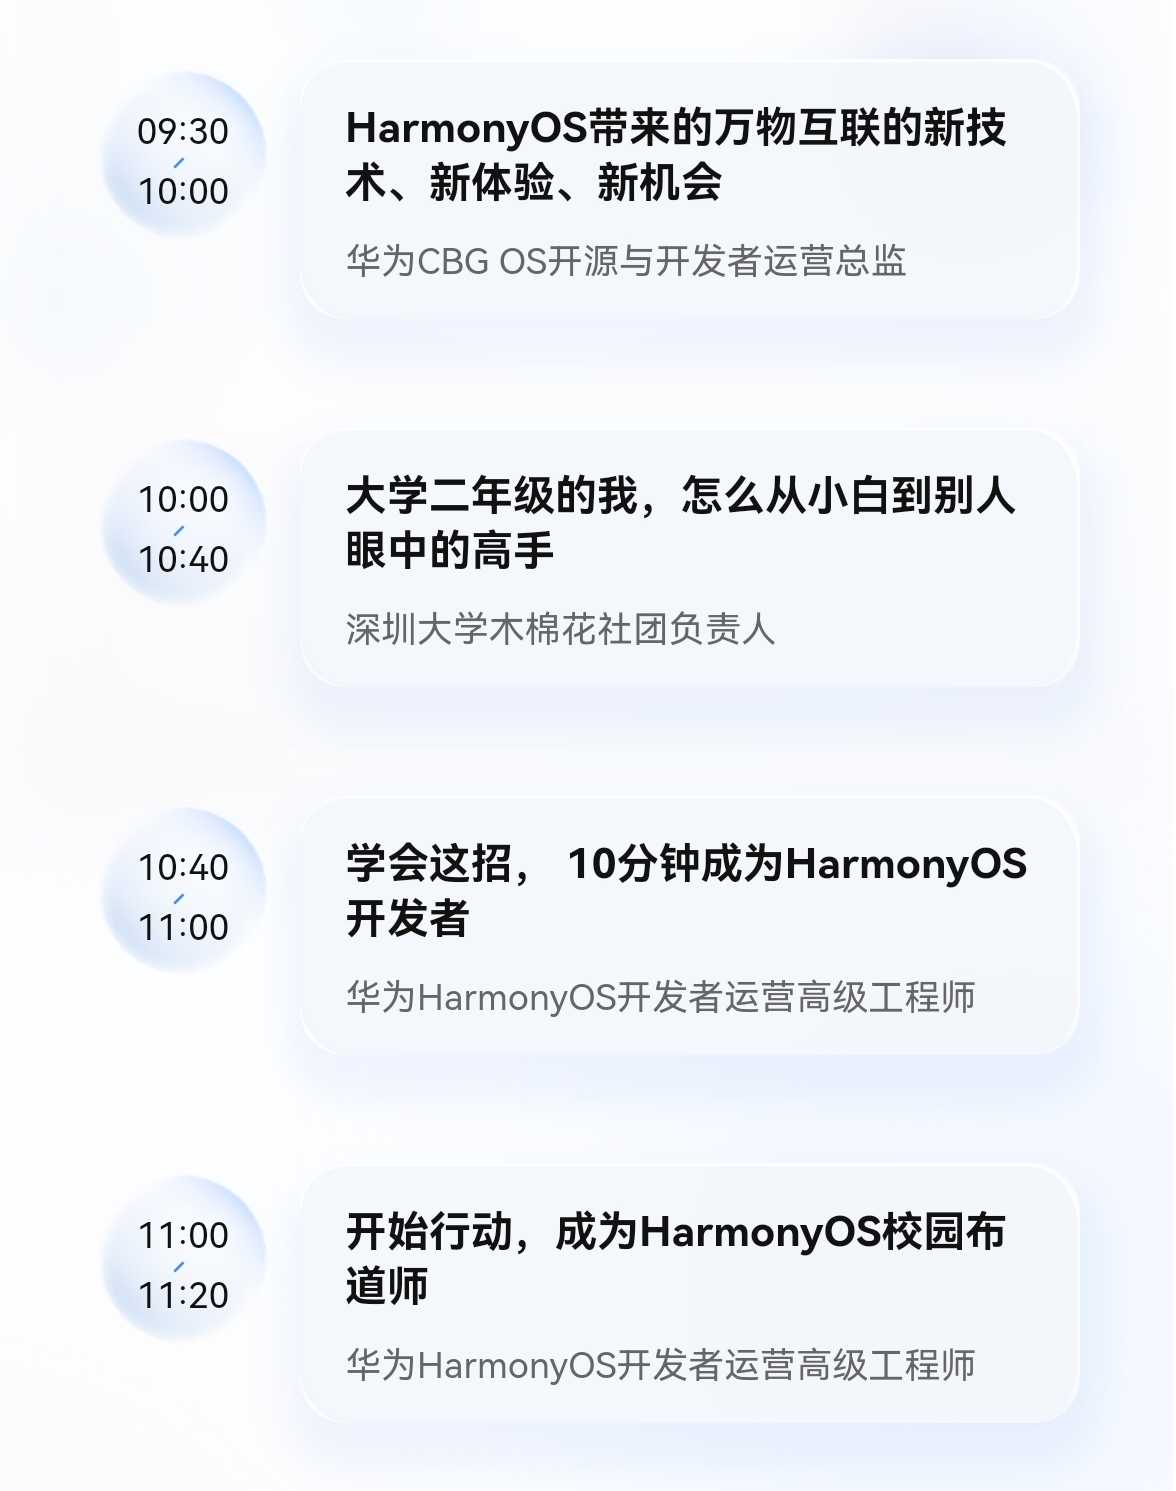 2021华为开发者大会HDC分论坛-HarmonyOS学生公开课